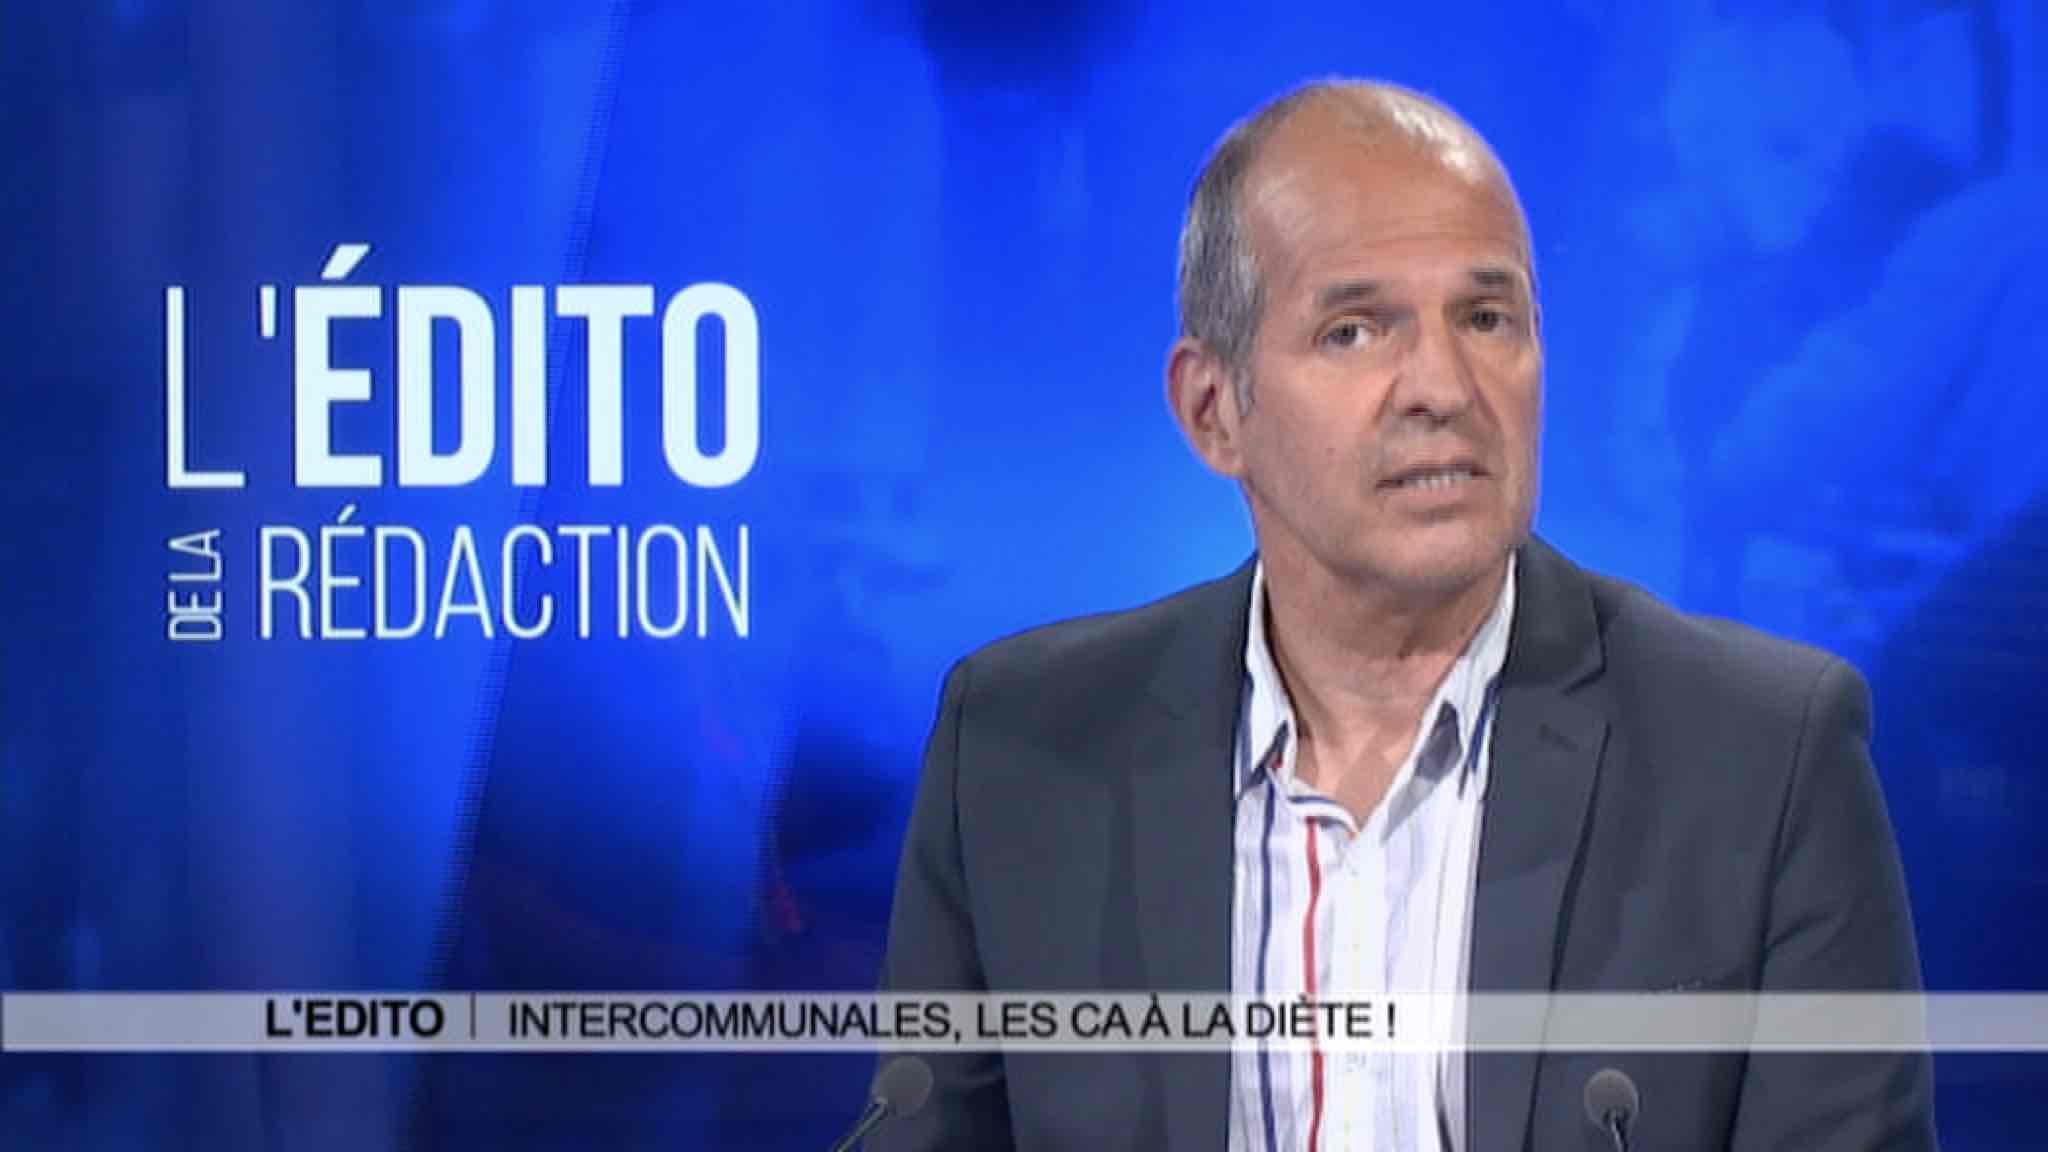 Edito: Intercommunales, les CA à la diète!